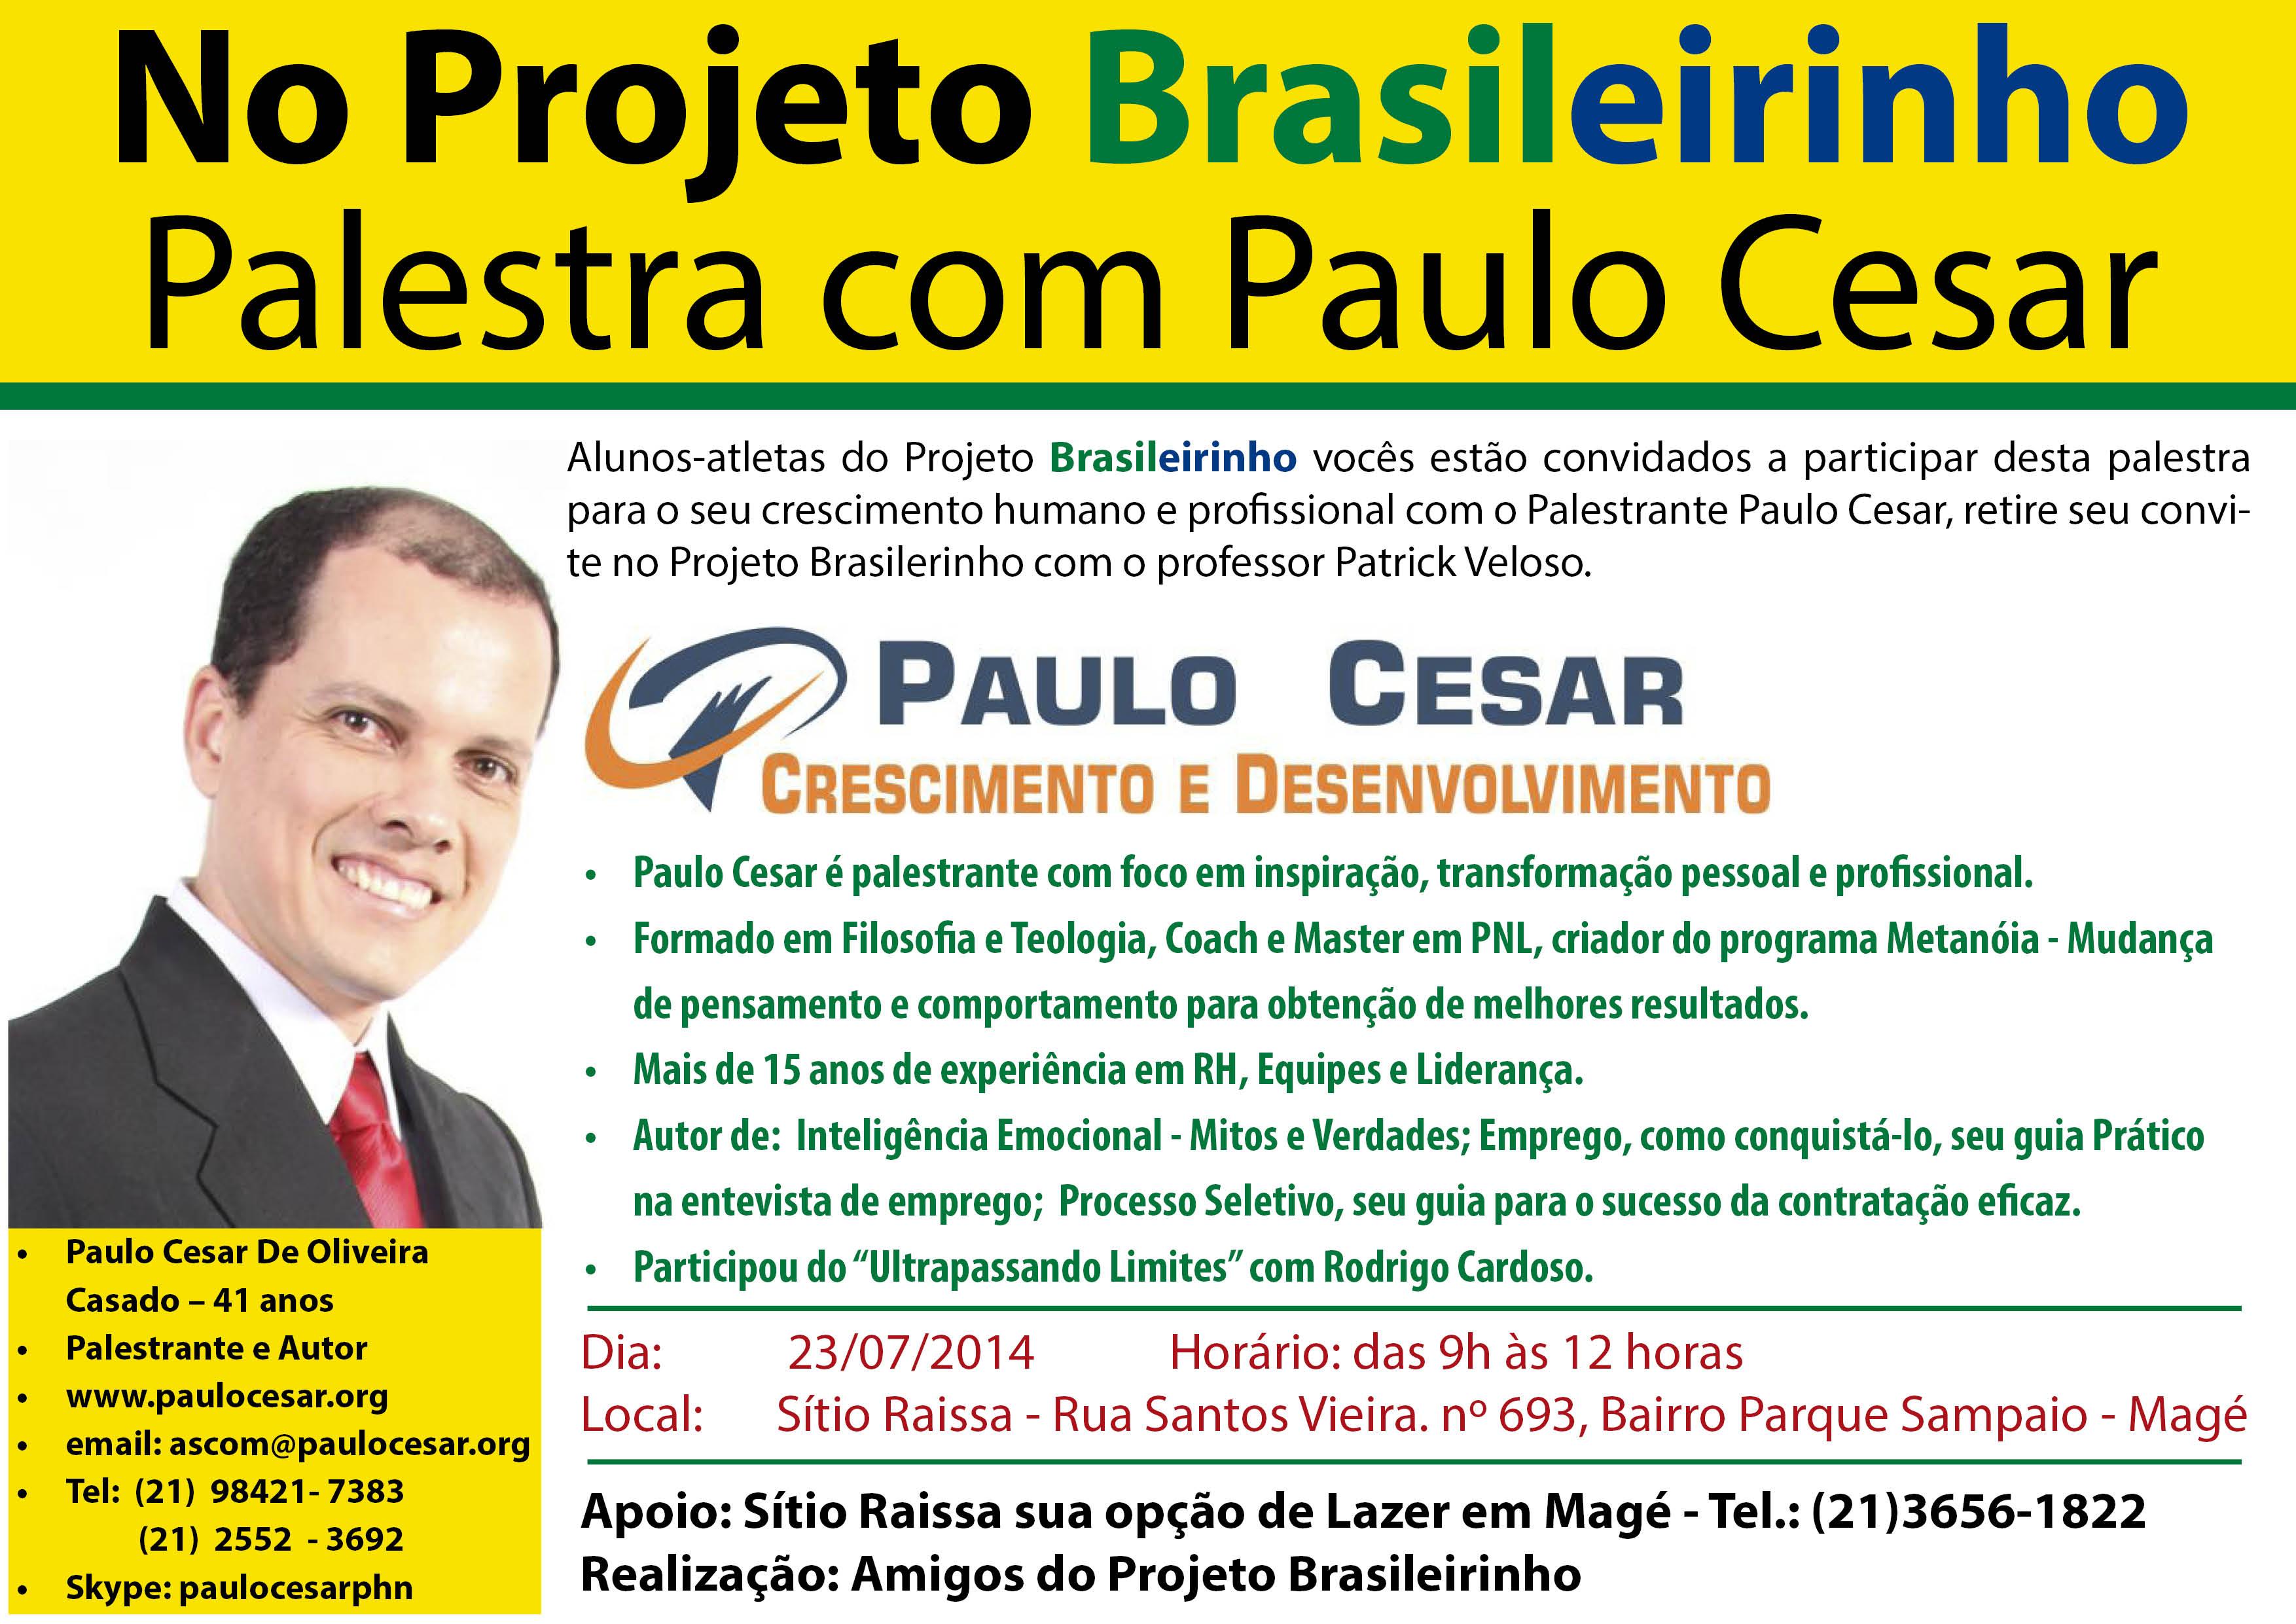 Palesta com Paulo Cesar no Projeto Brasileirinho